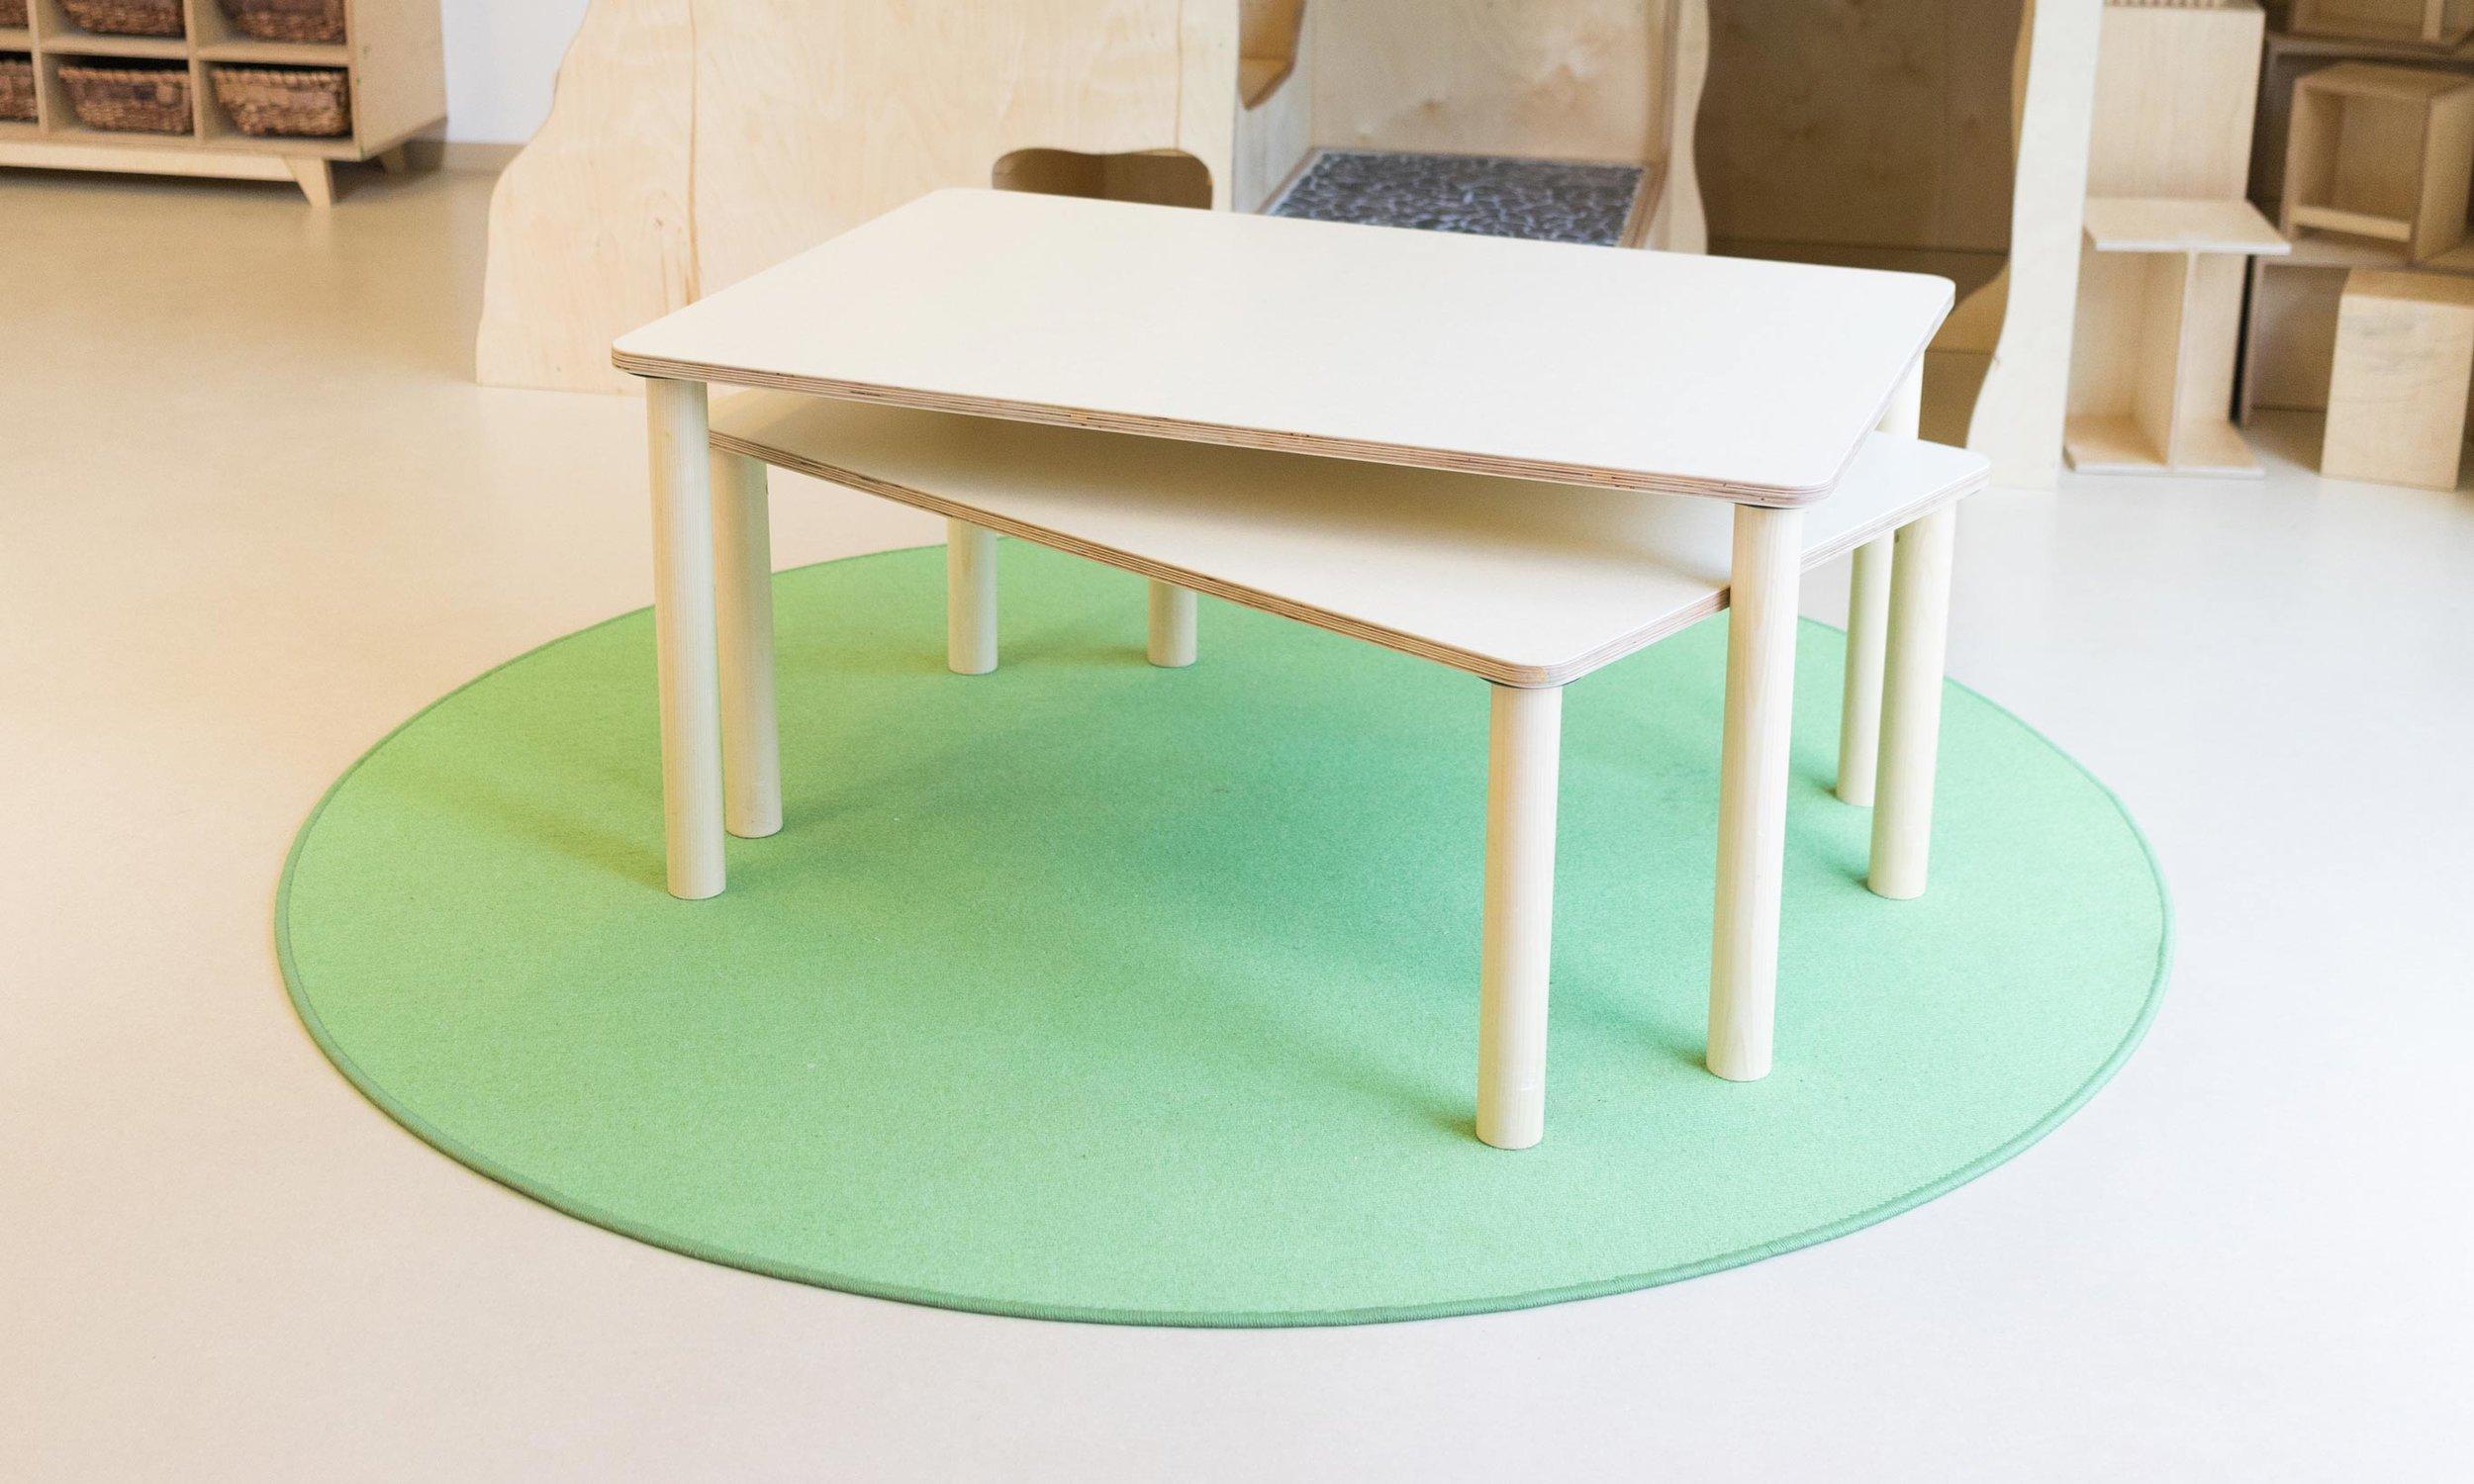 Tisch Krippe und Kita - Kombitisch - Funktionstisch - Mehrzwecktisch - Kita und Schule 01.jpg